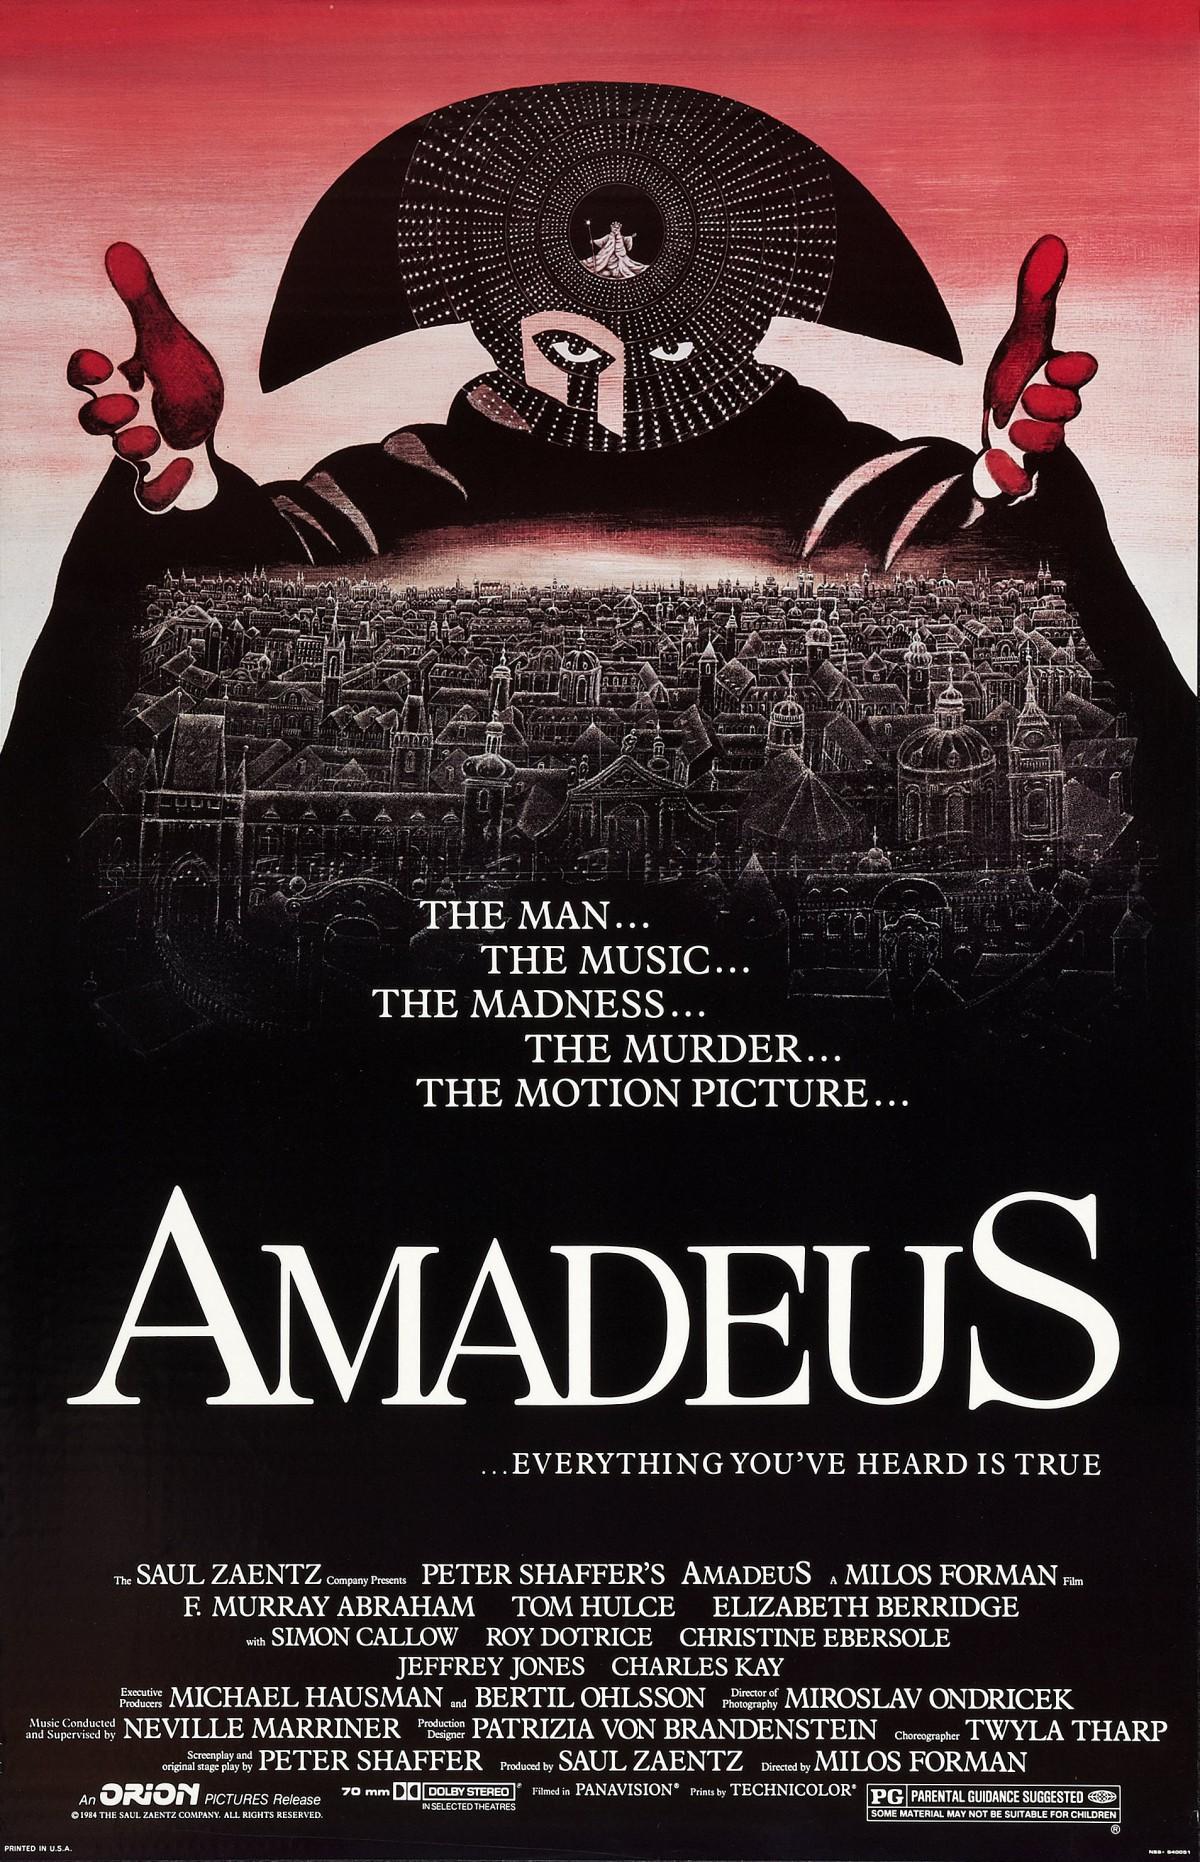 53. Amadeus (1984)